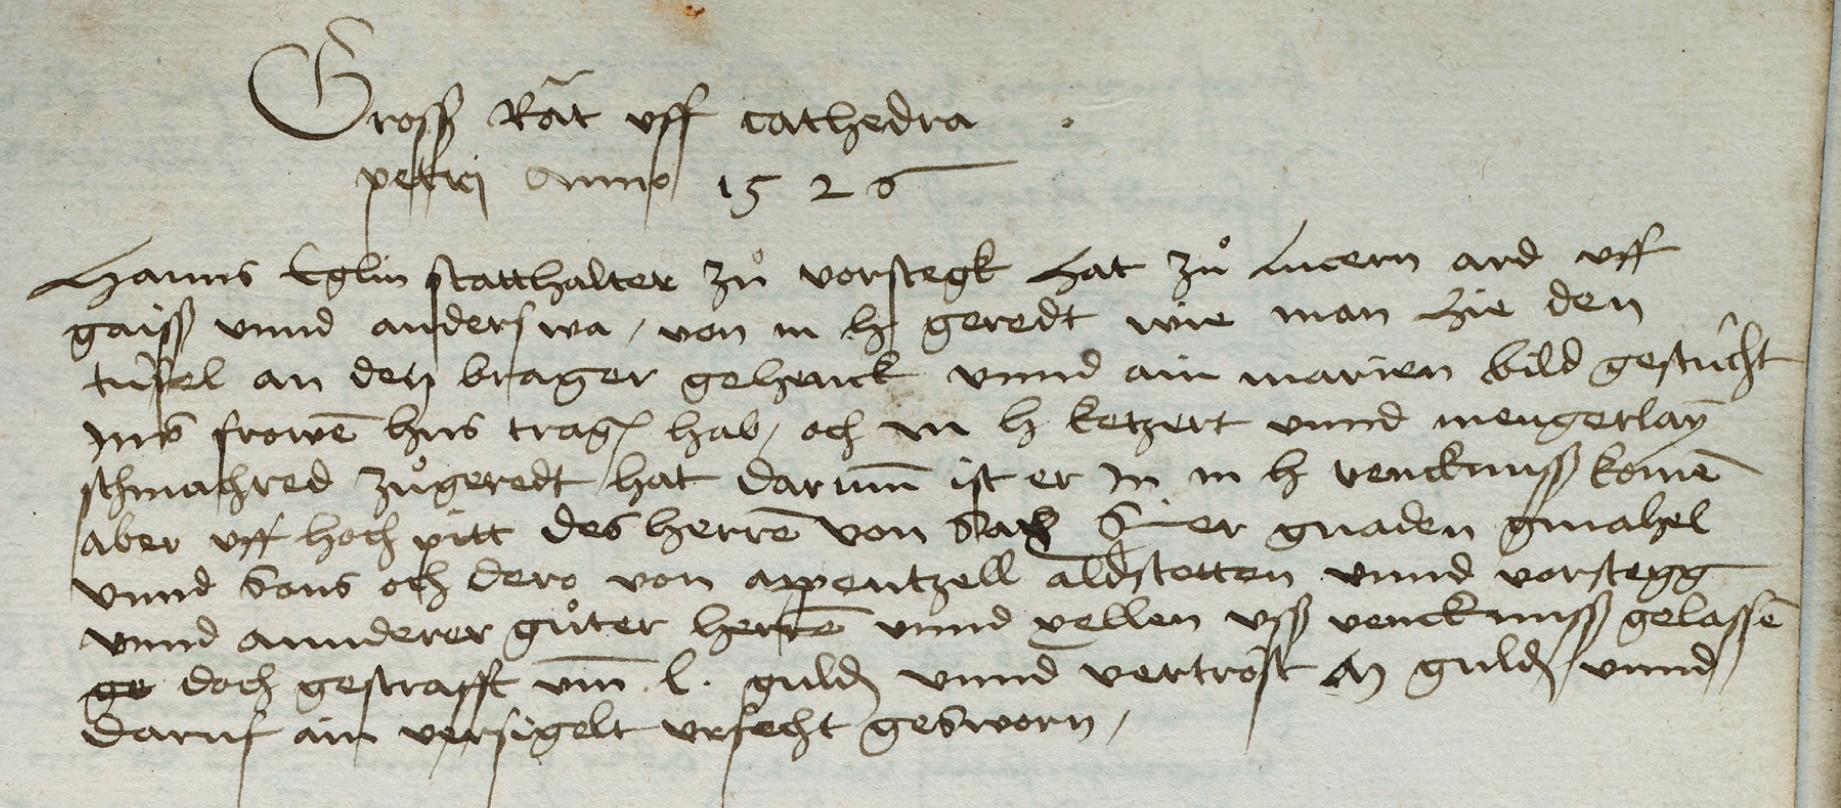 Den Teufel an den Pranger gehängt – Vorwürfe an das reformierte St. Gallen